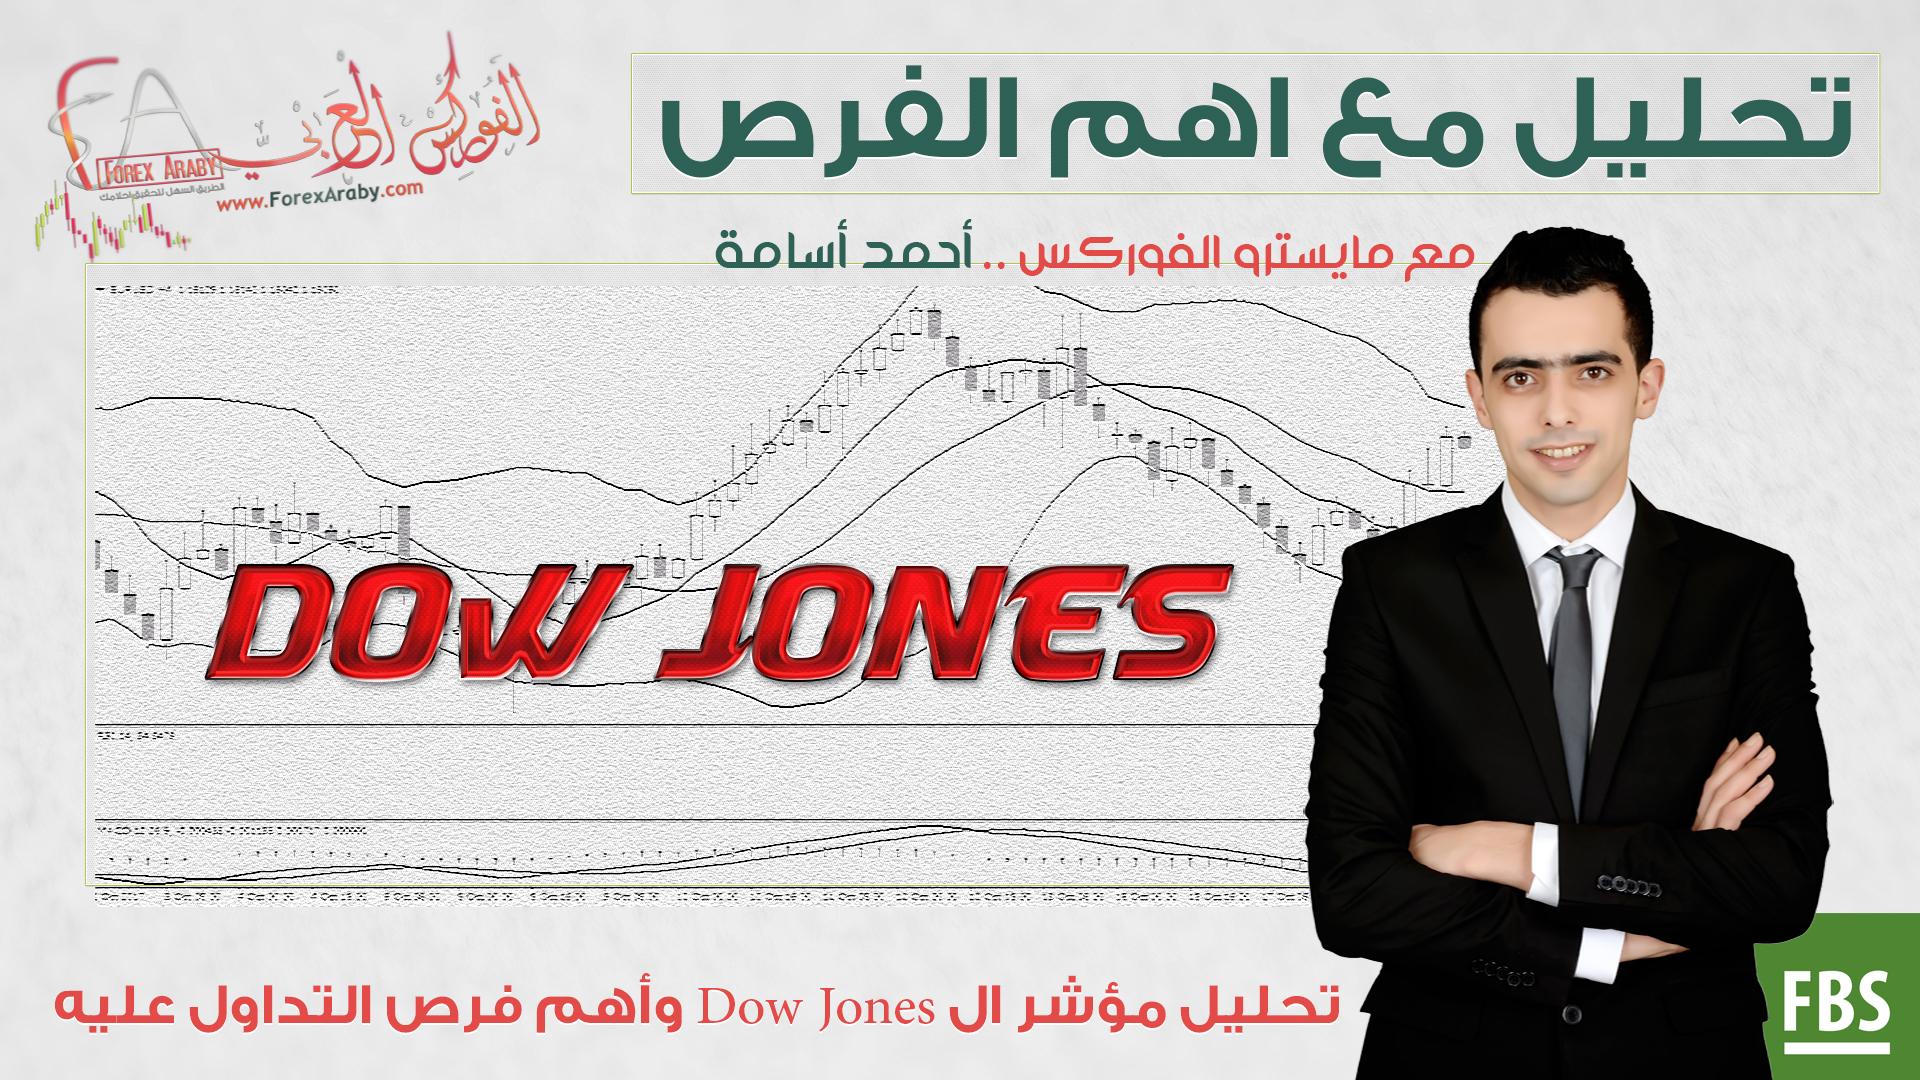 تحليل مؤشر ال Dow Jones وأهم فرص التداول عليه